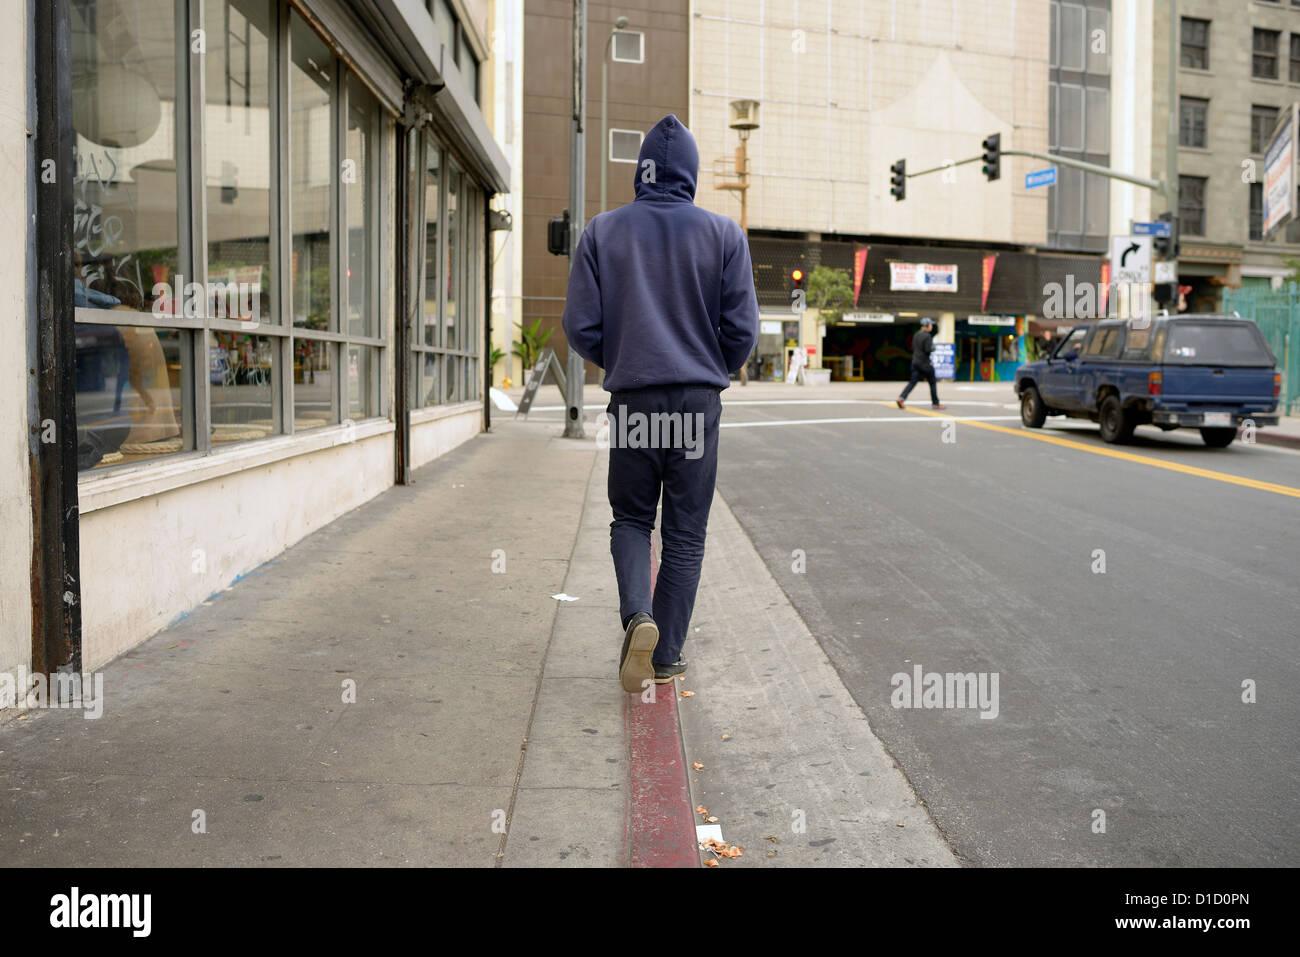 Los angeles homme marche trottoir trottoir Photo Stock